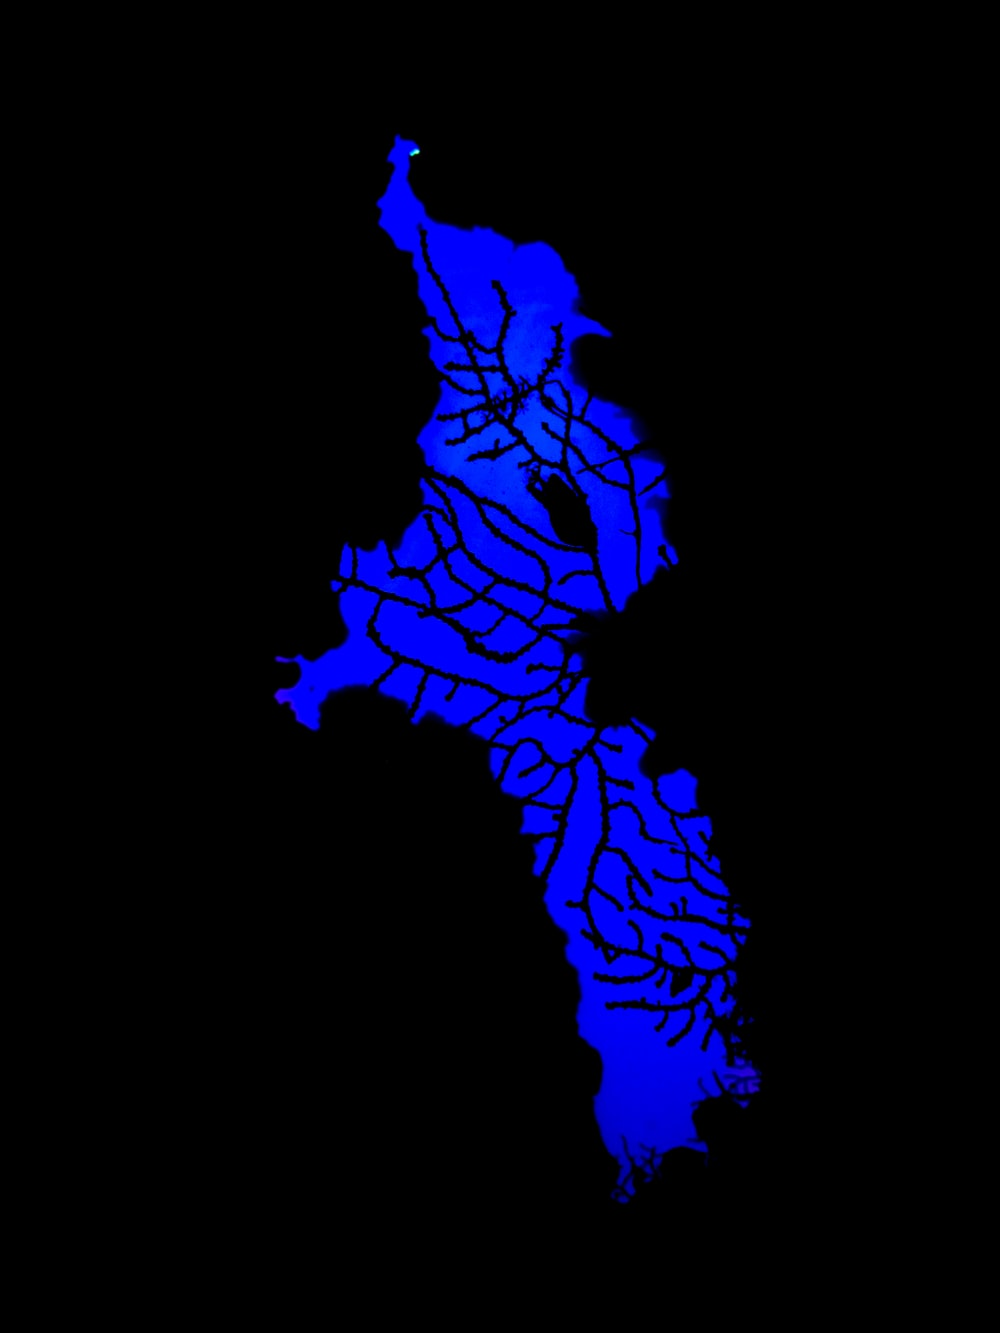 blue and black lightning digital wallpaper